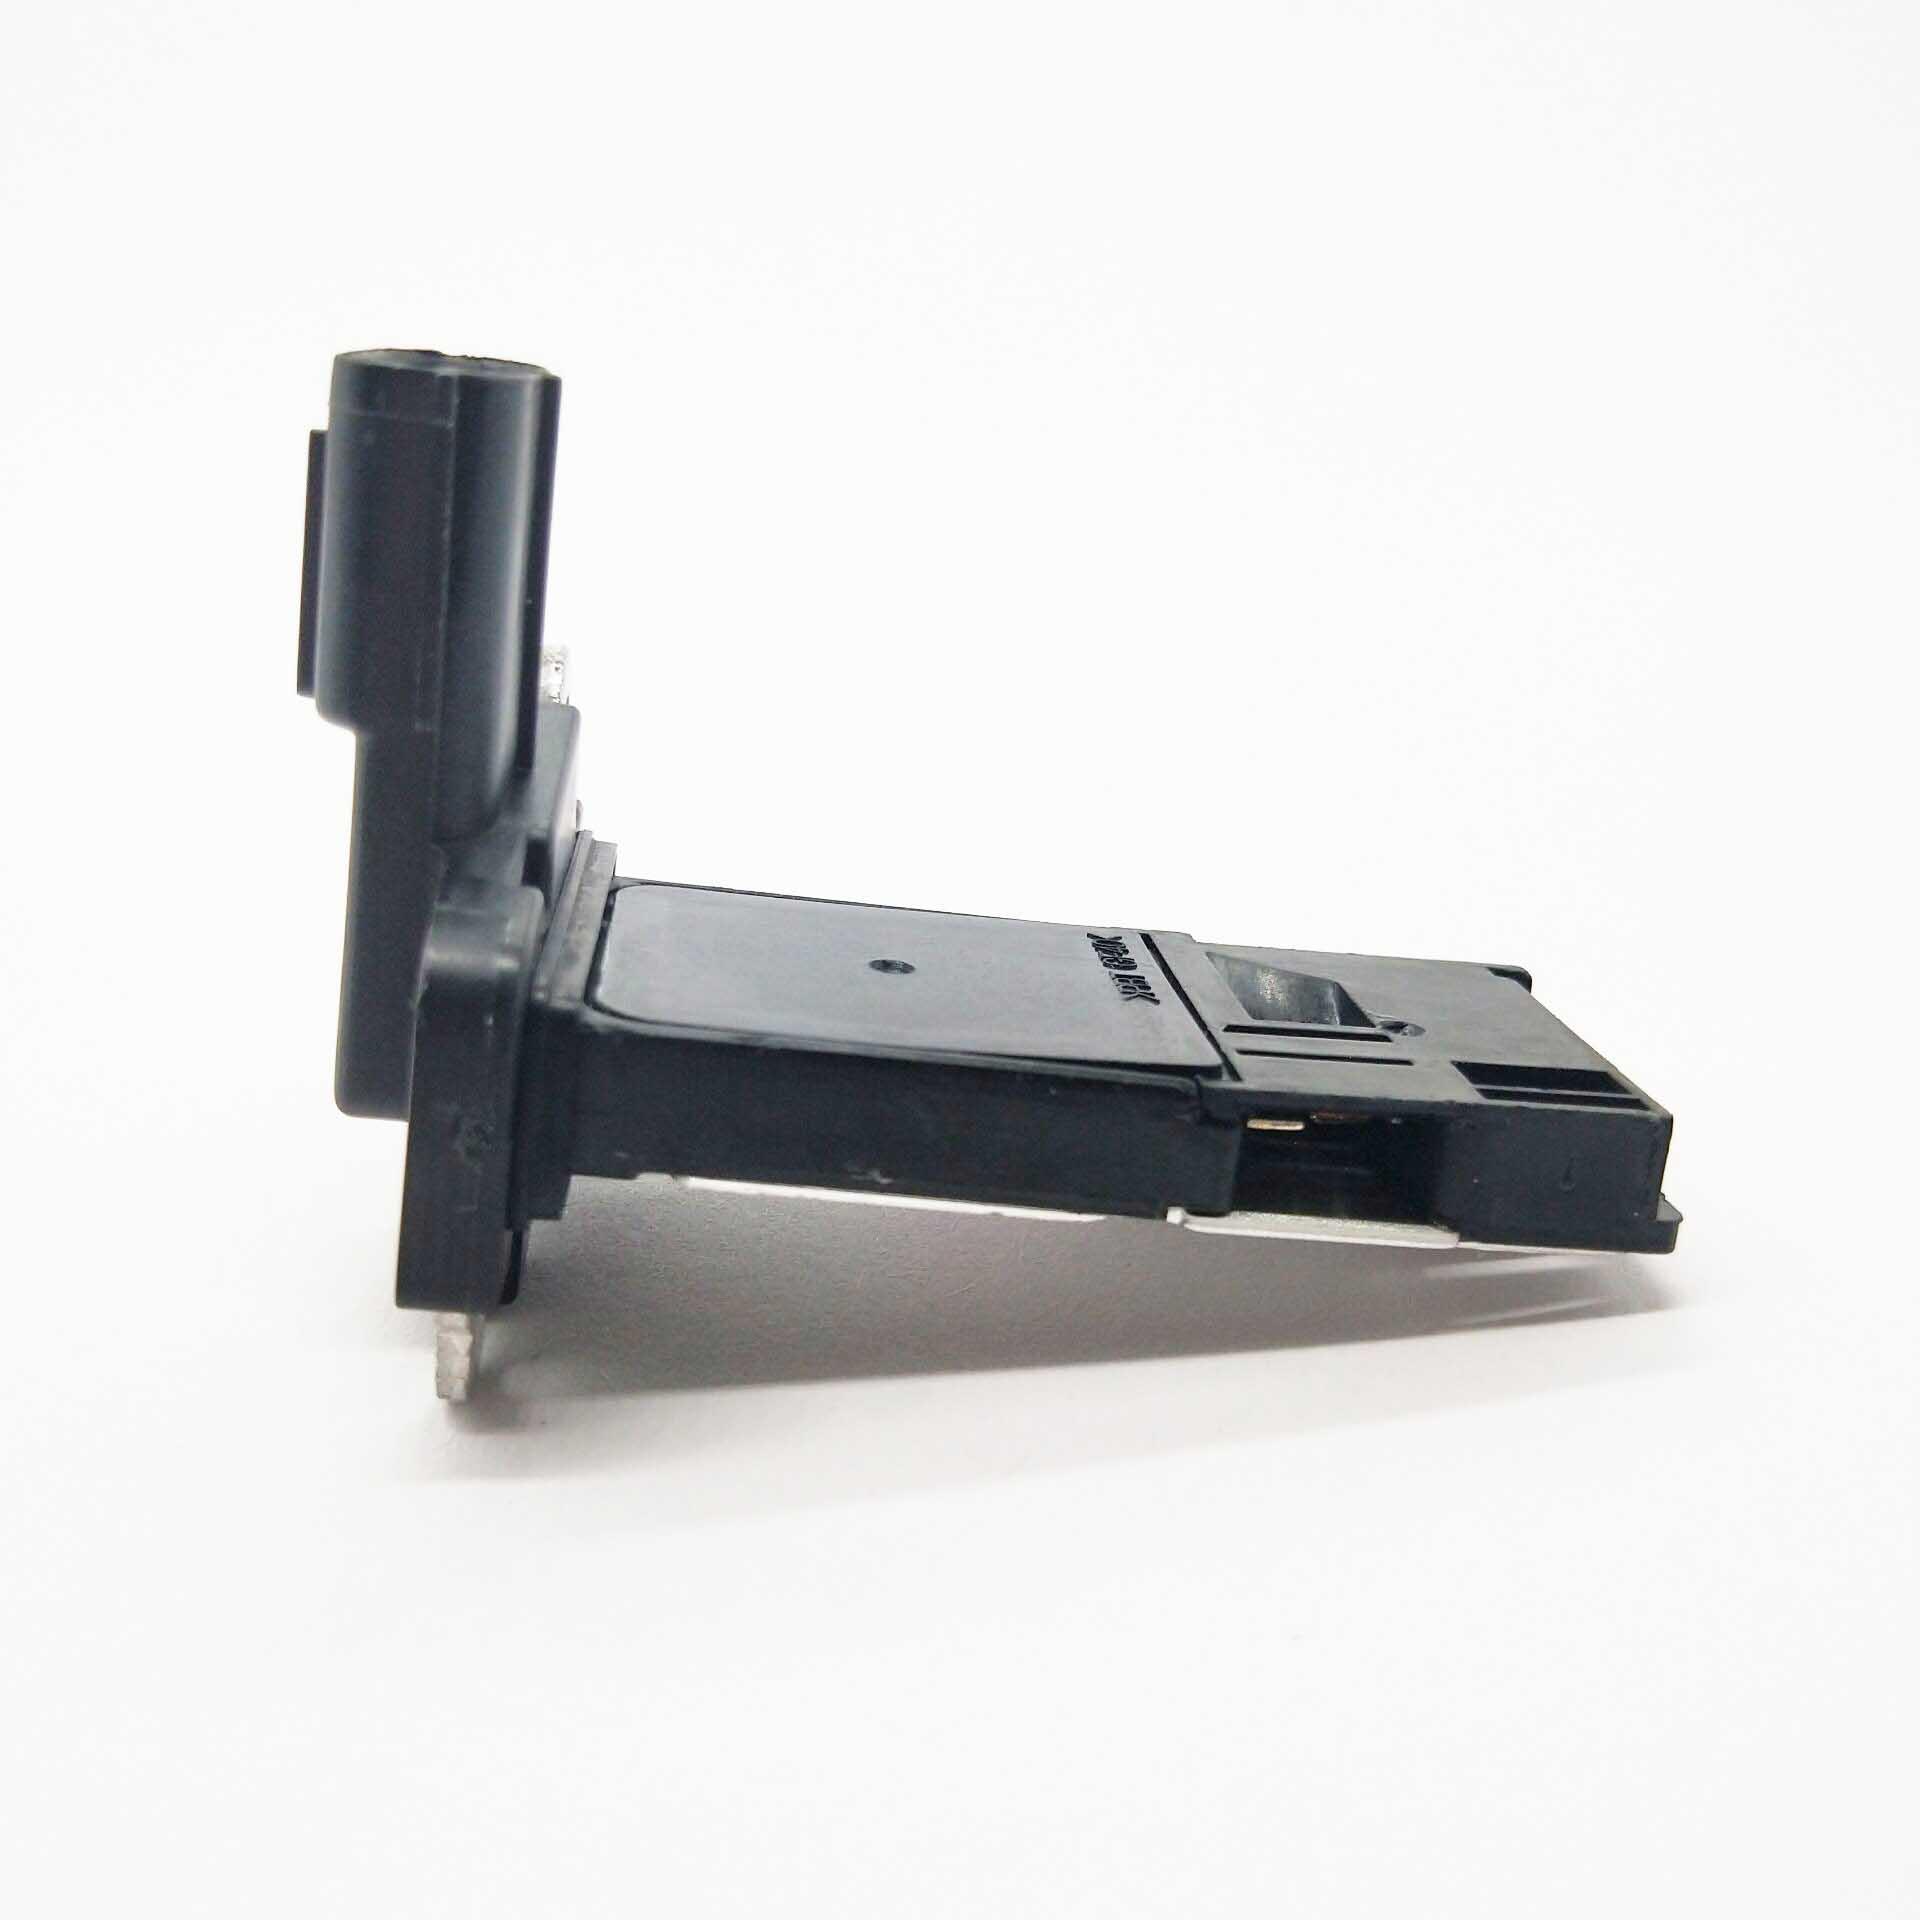 Medidor de Sensor Maf de flujo de aire de masa para SUBARU FORESTER legage AFH70N-42 22680-FU460 22204-15030 22680-AA360 AFH70M59A